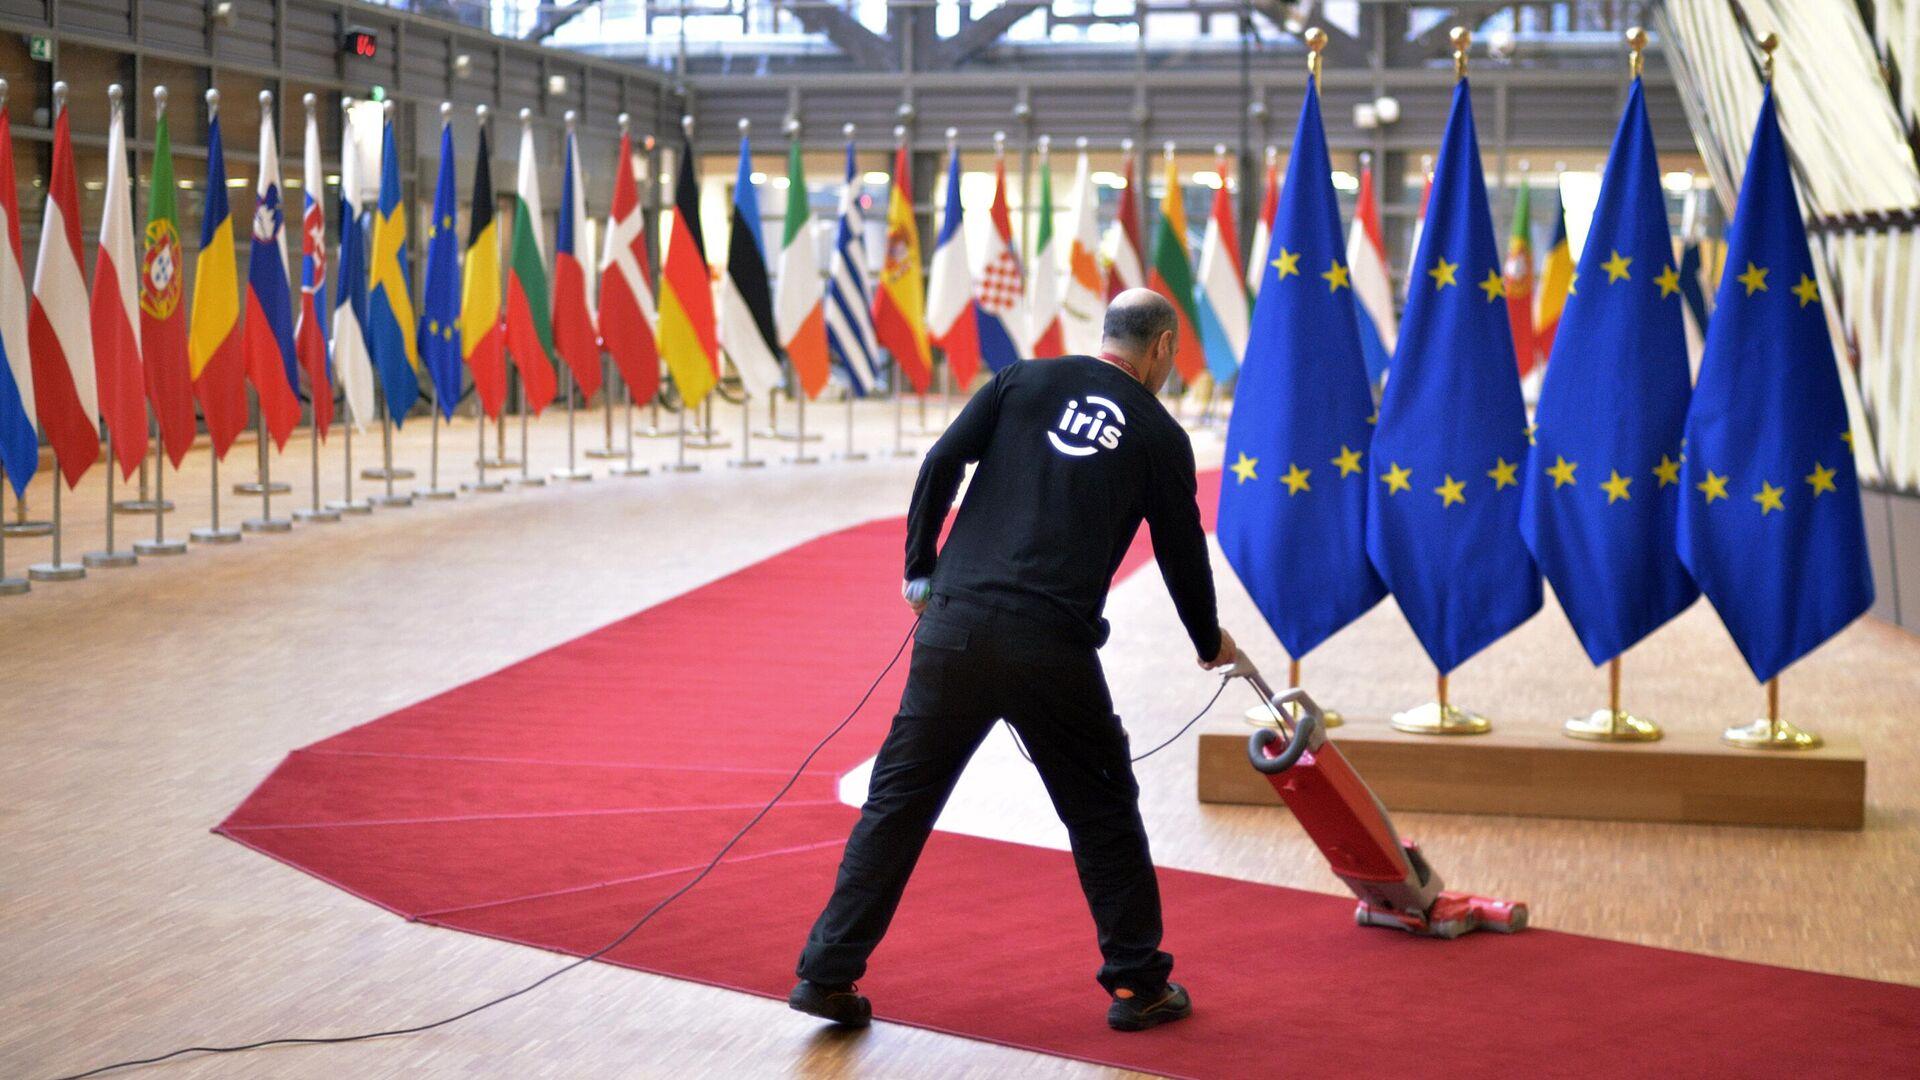 Саммит ЕС в Брюсселе - РИА Новости, 1920, 18.02.2021